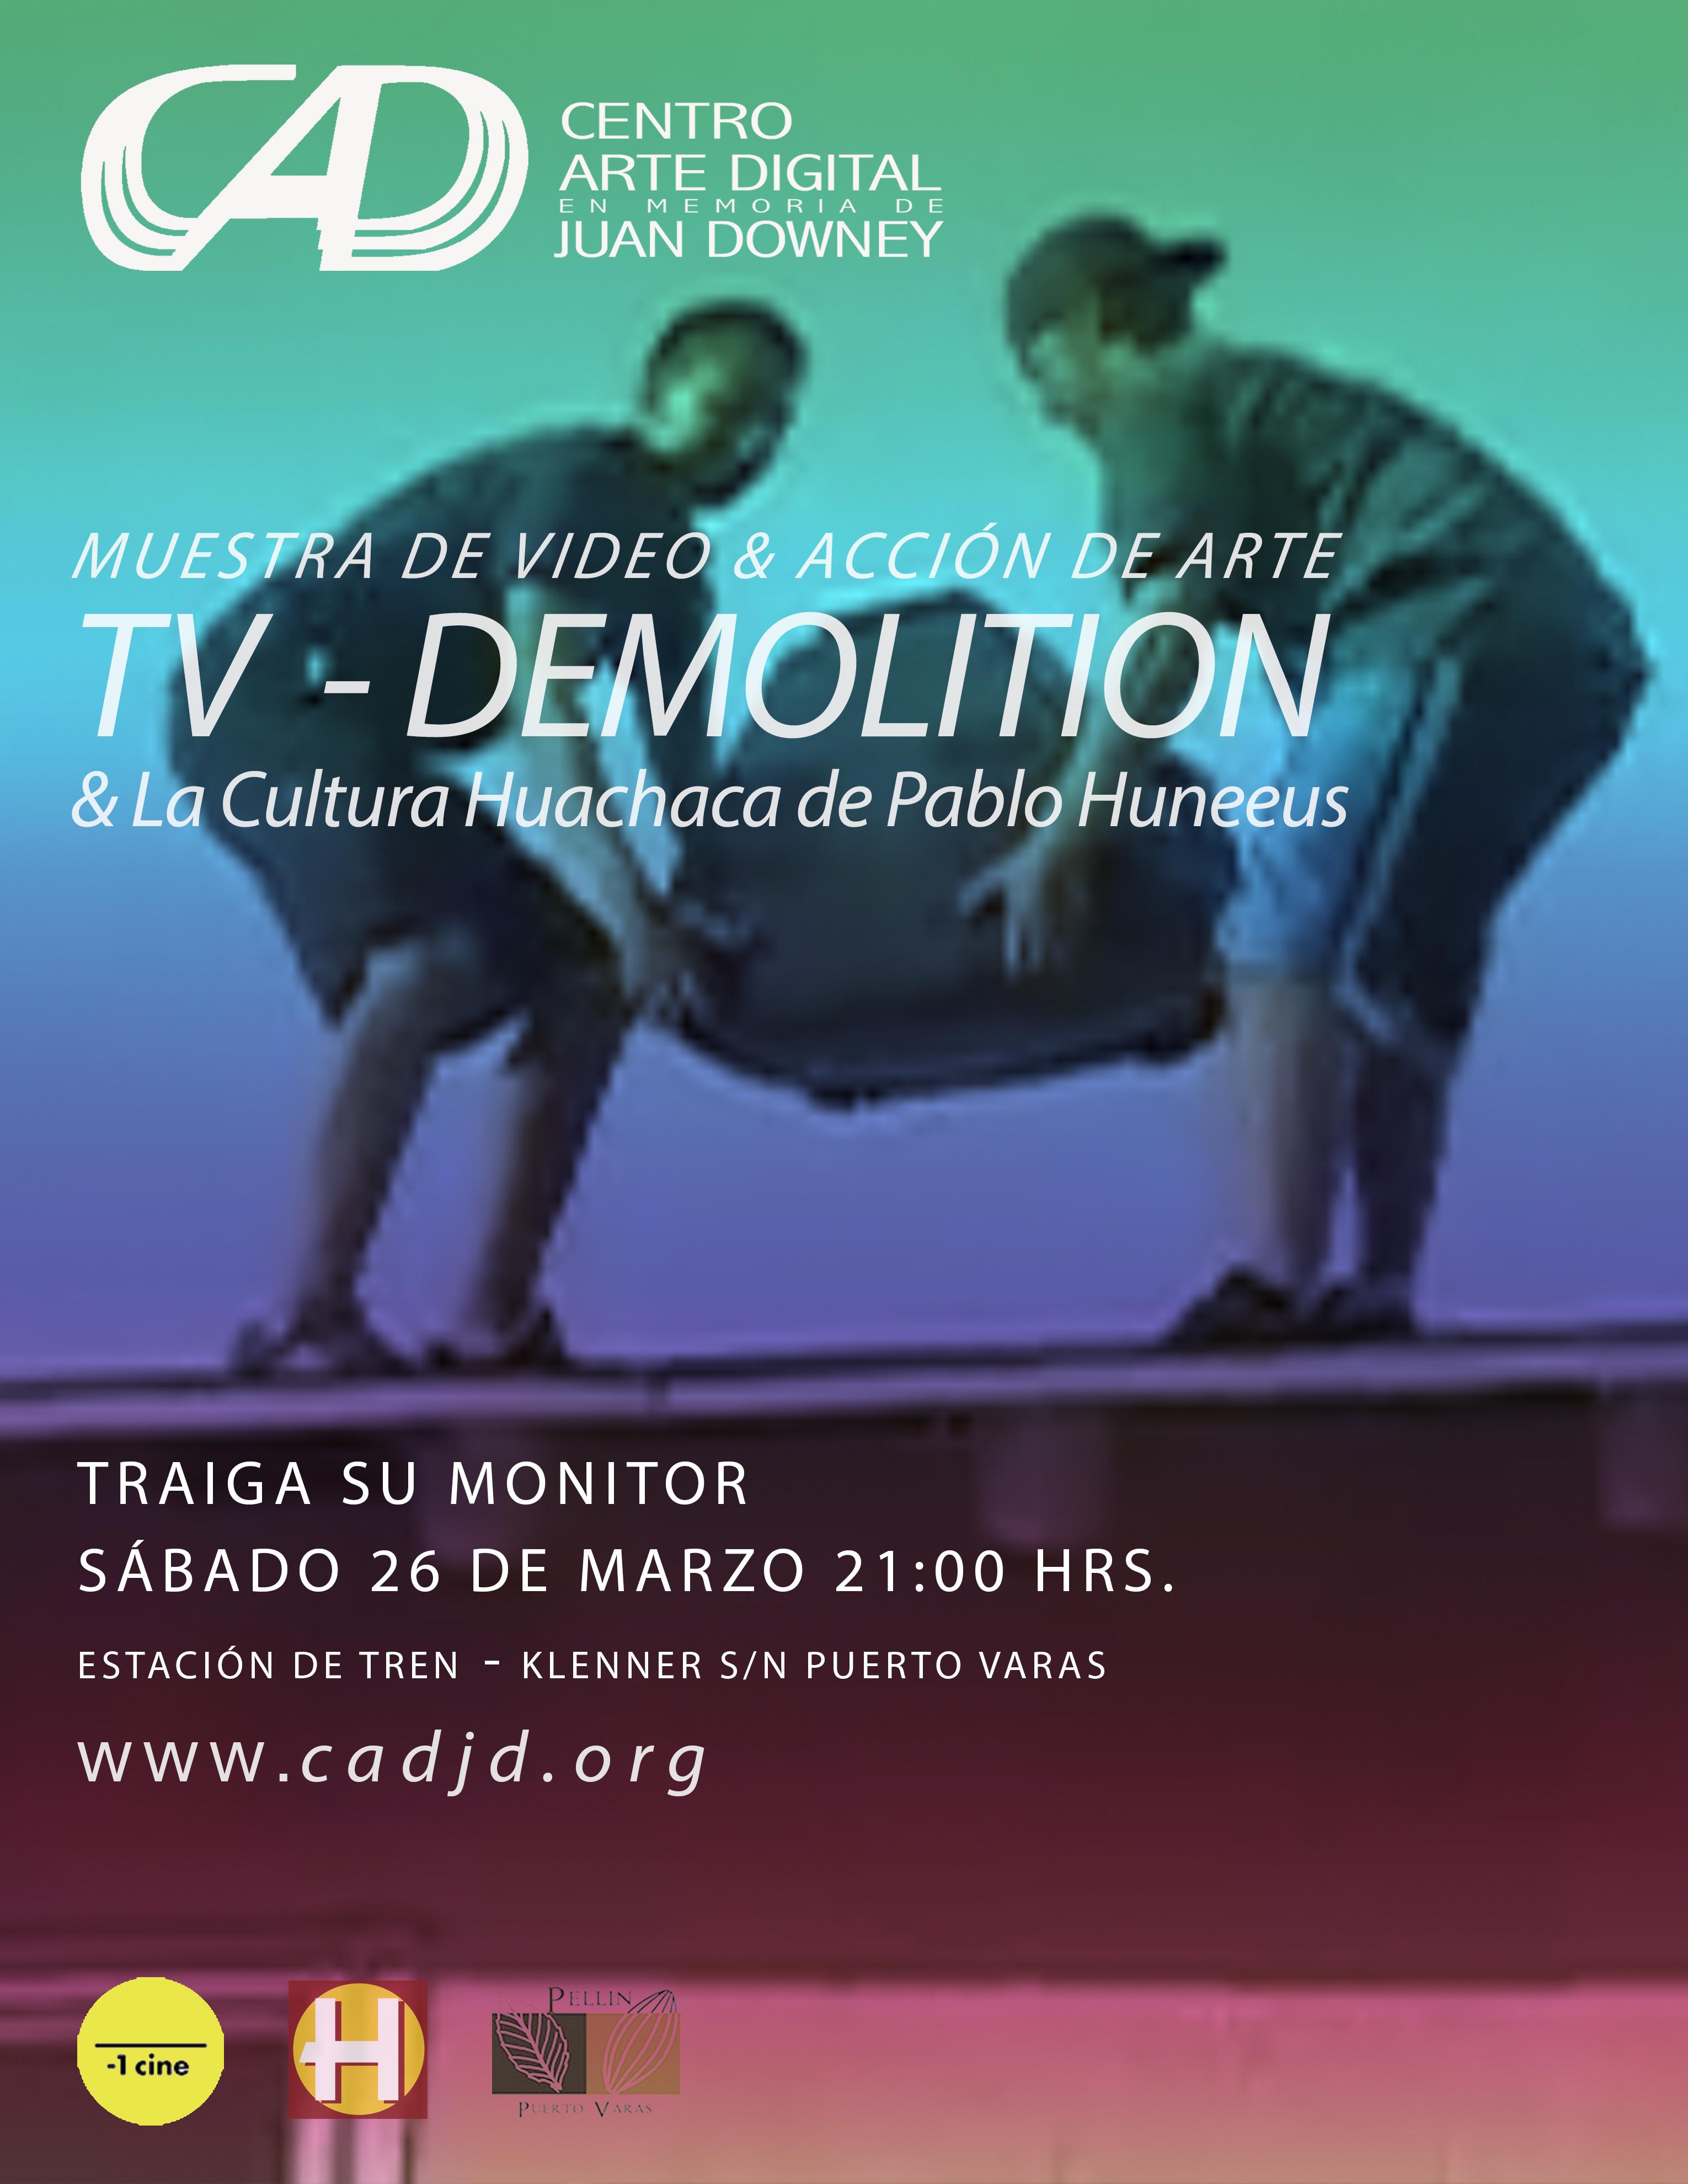 AFICHE_tv_demolition.jpg